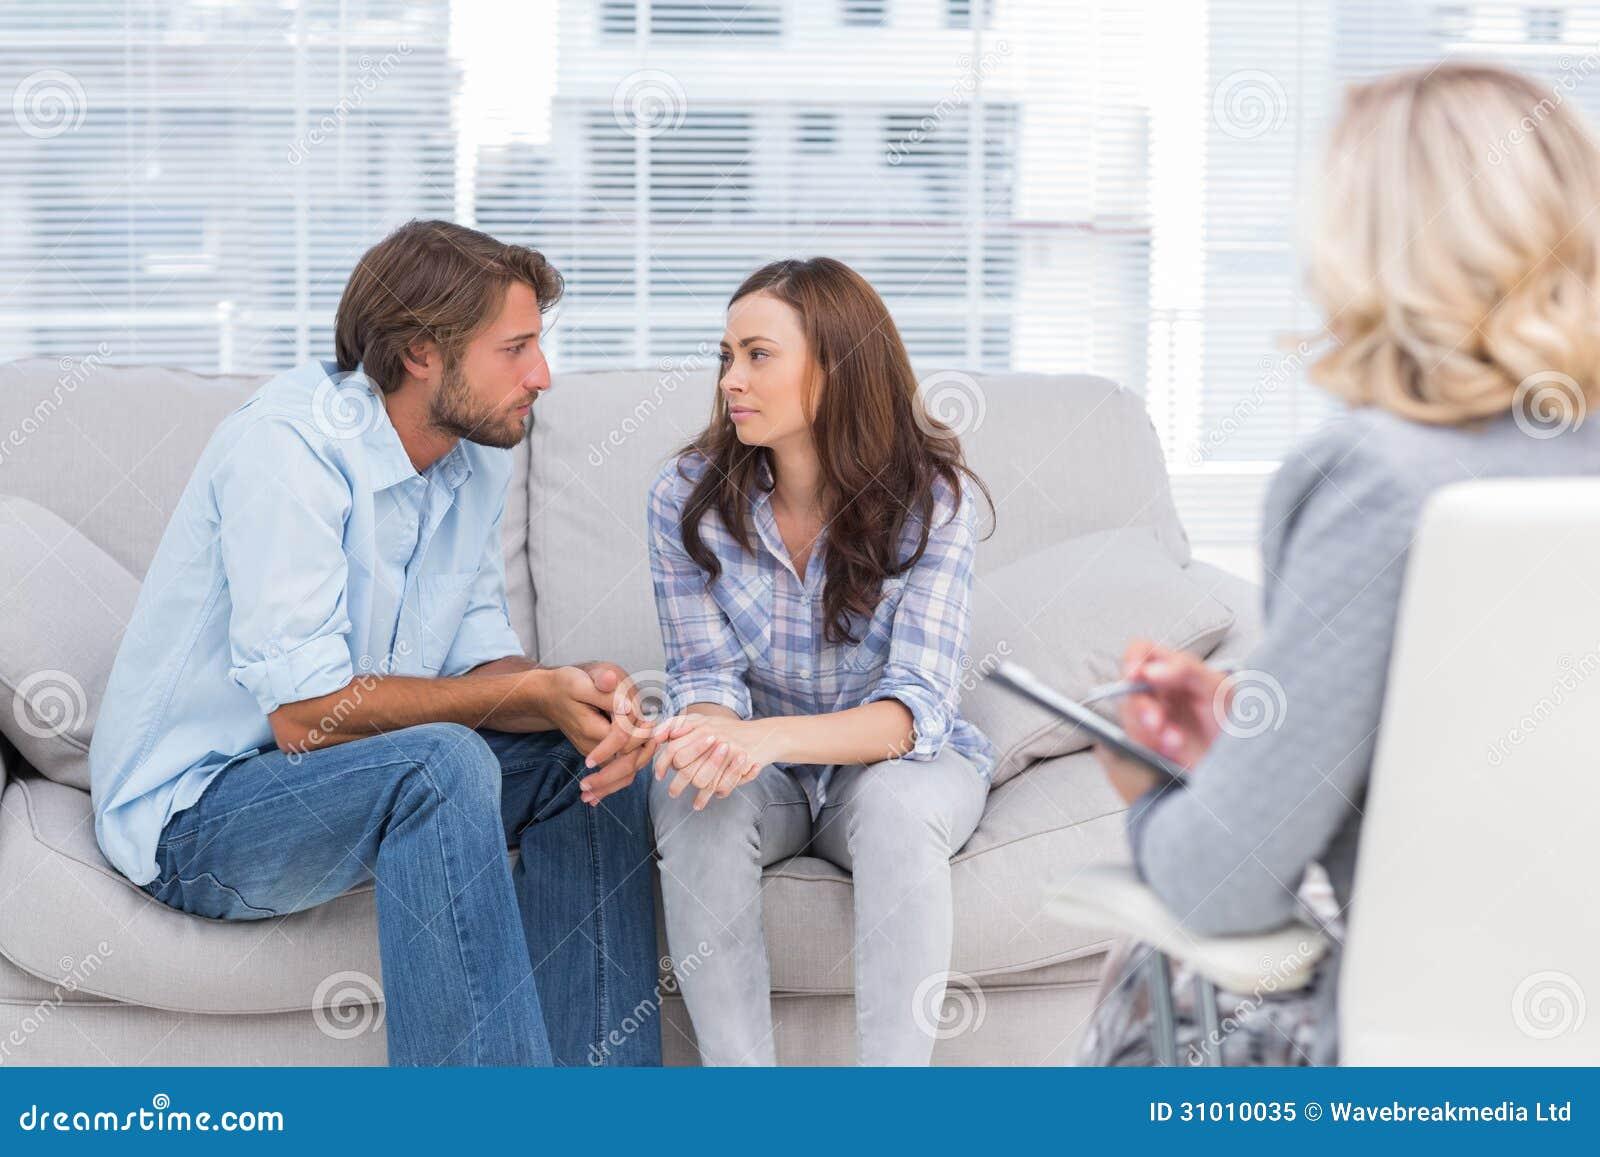 Пары смотря друг к другу во время терапевтической сессии